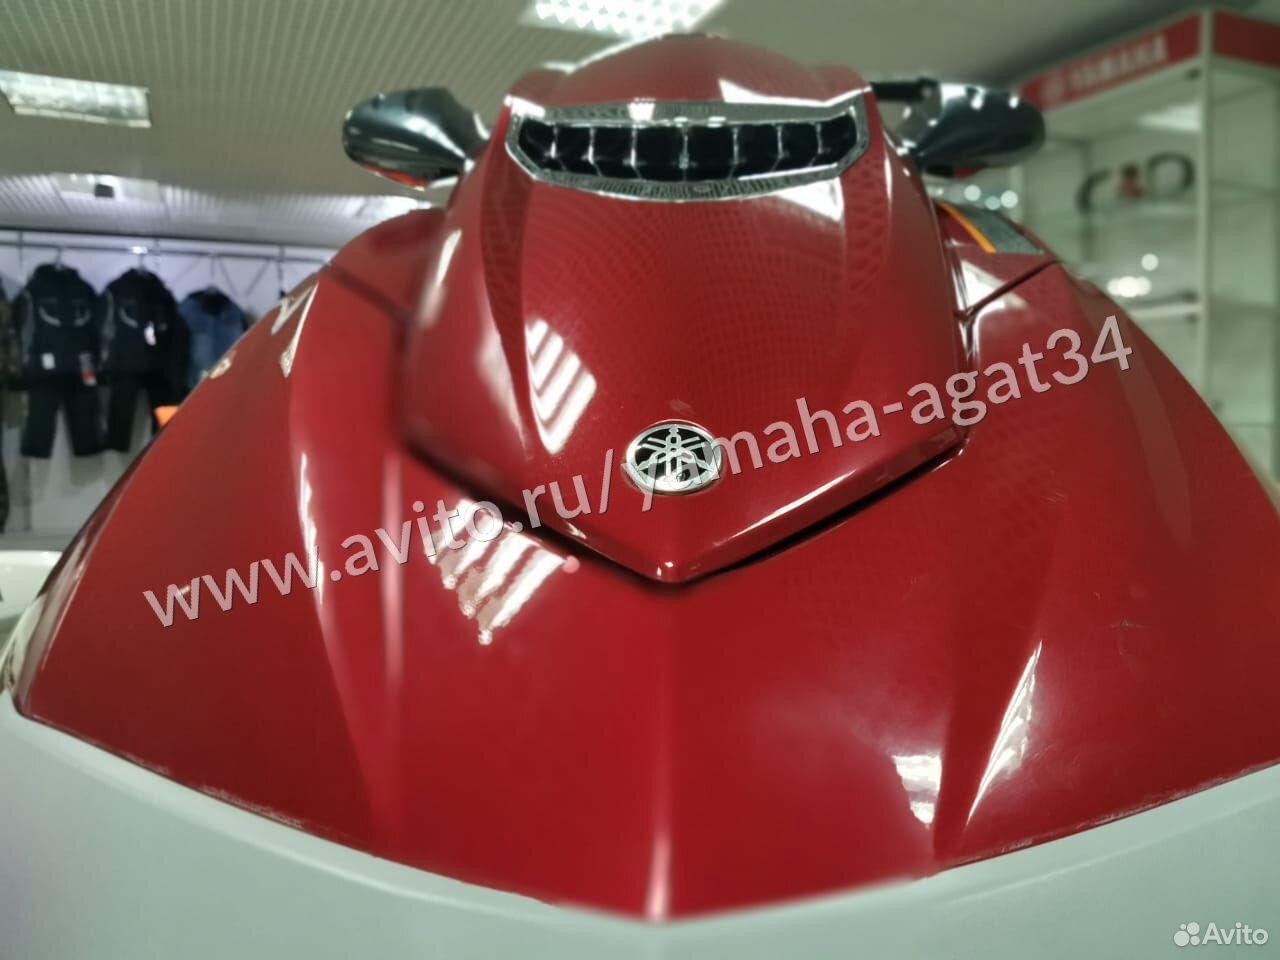 Гидроцикл yamaha VXR  88442984904 купить 4